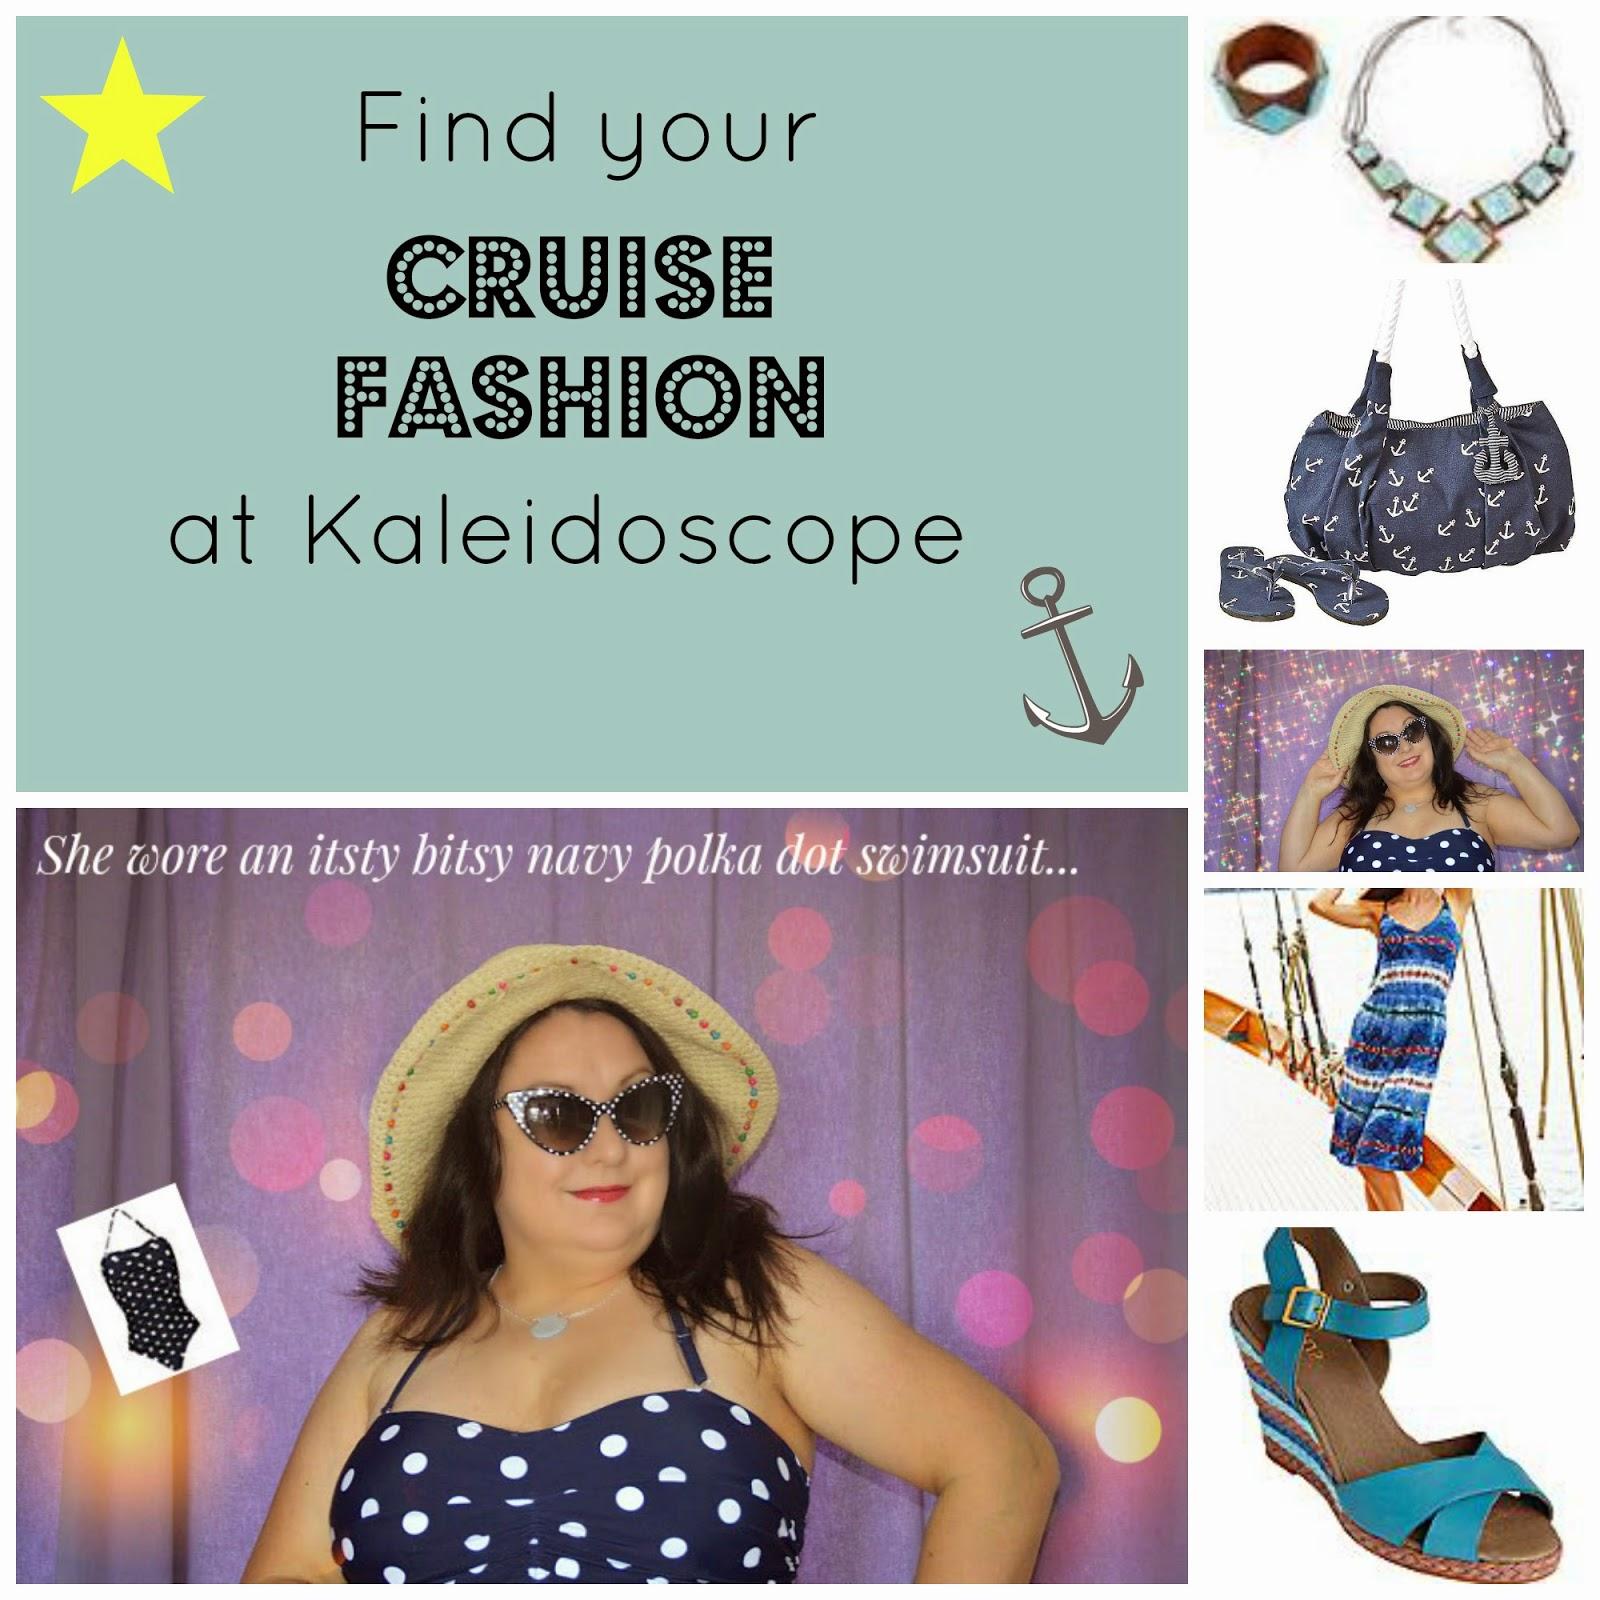 Kaleidoscope Cruise Holiday Fashion Wear